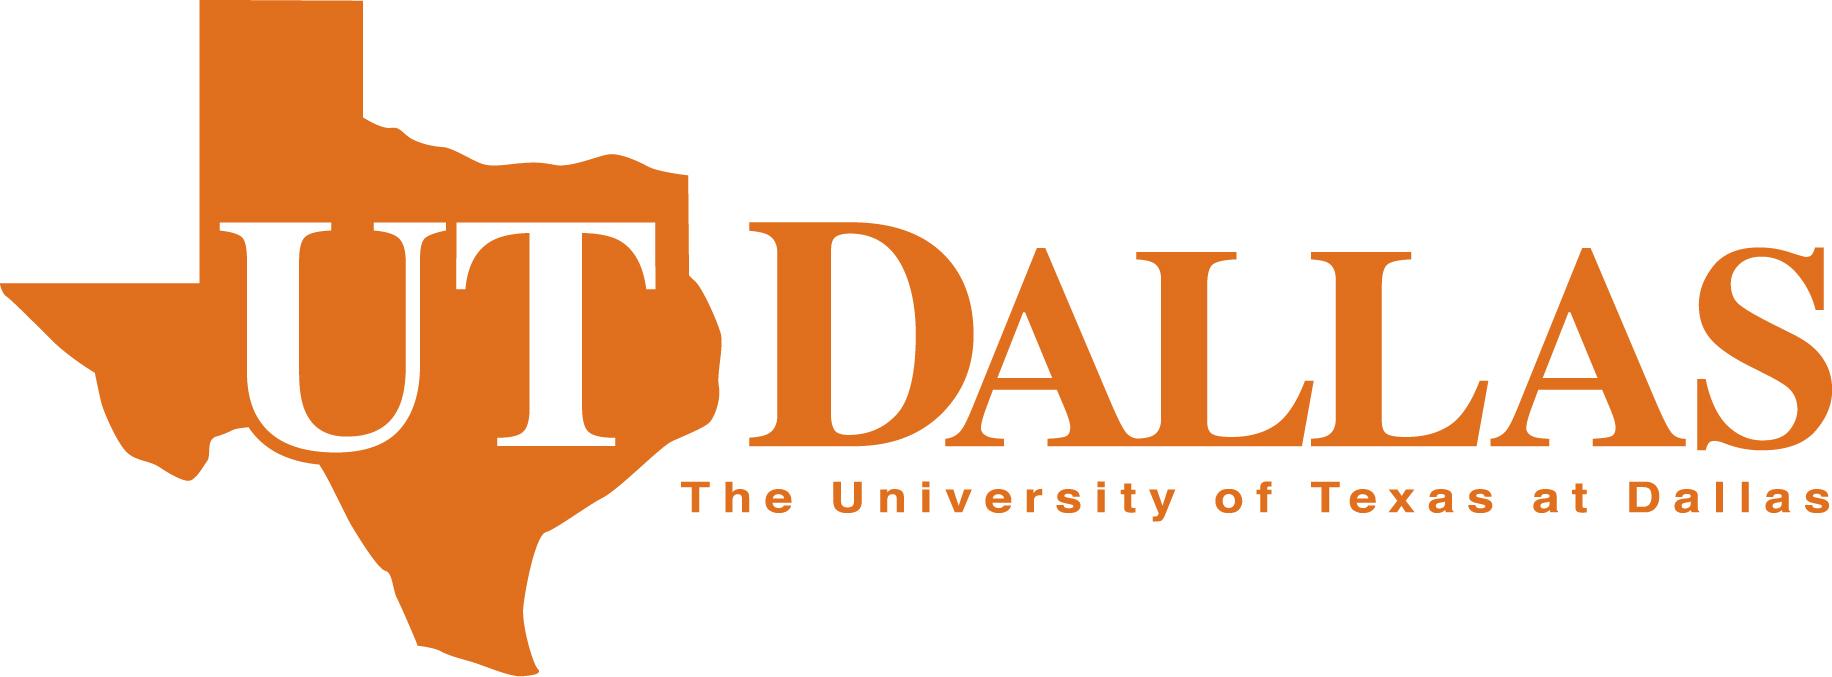 UT Dallas_tex_orange